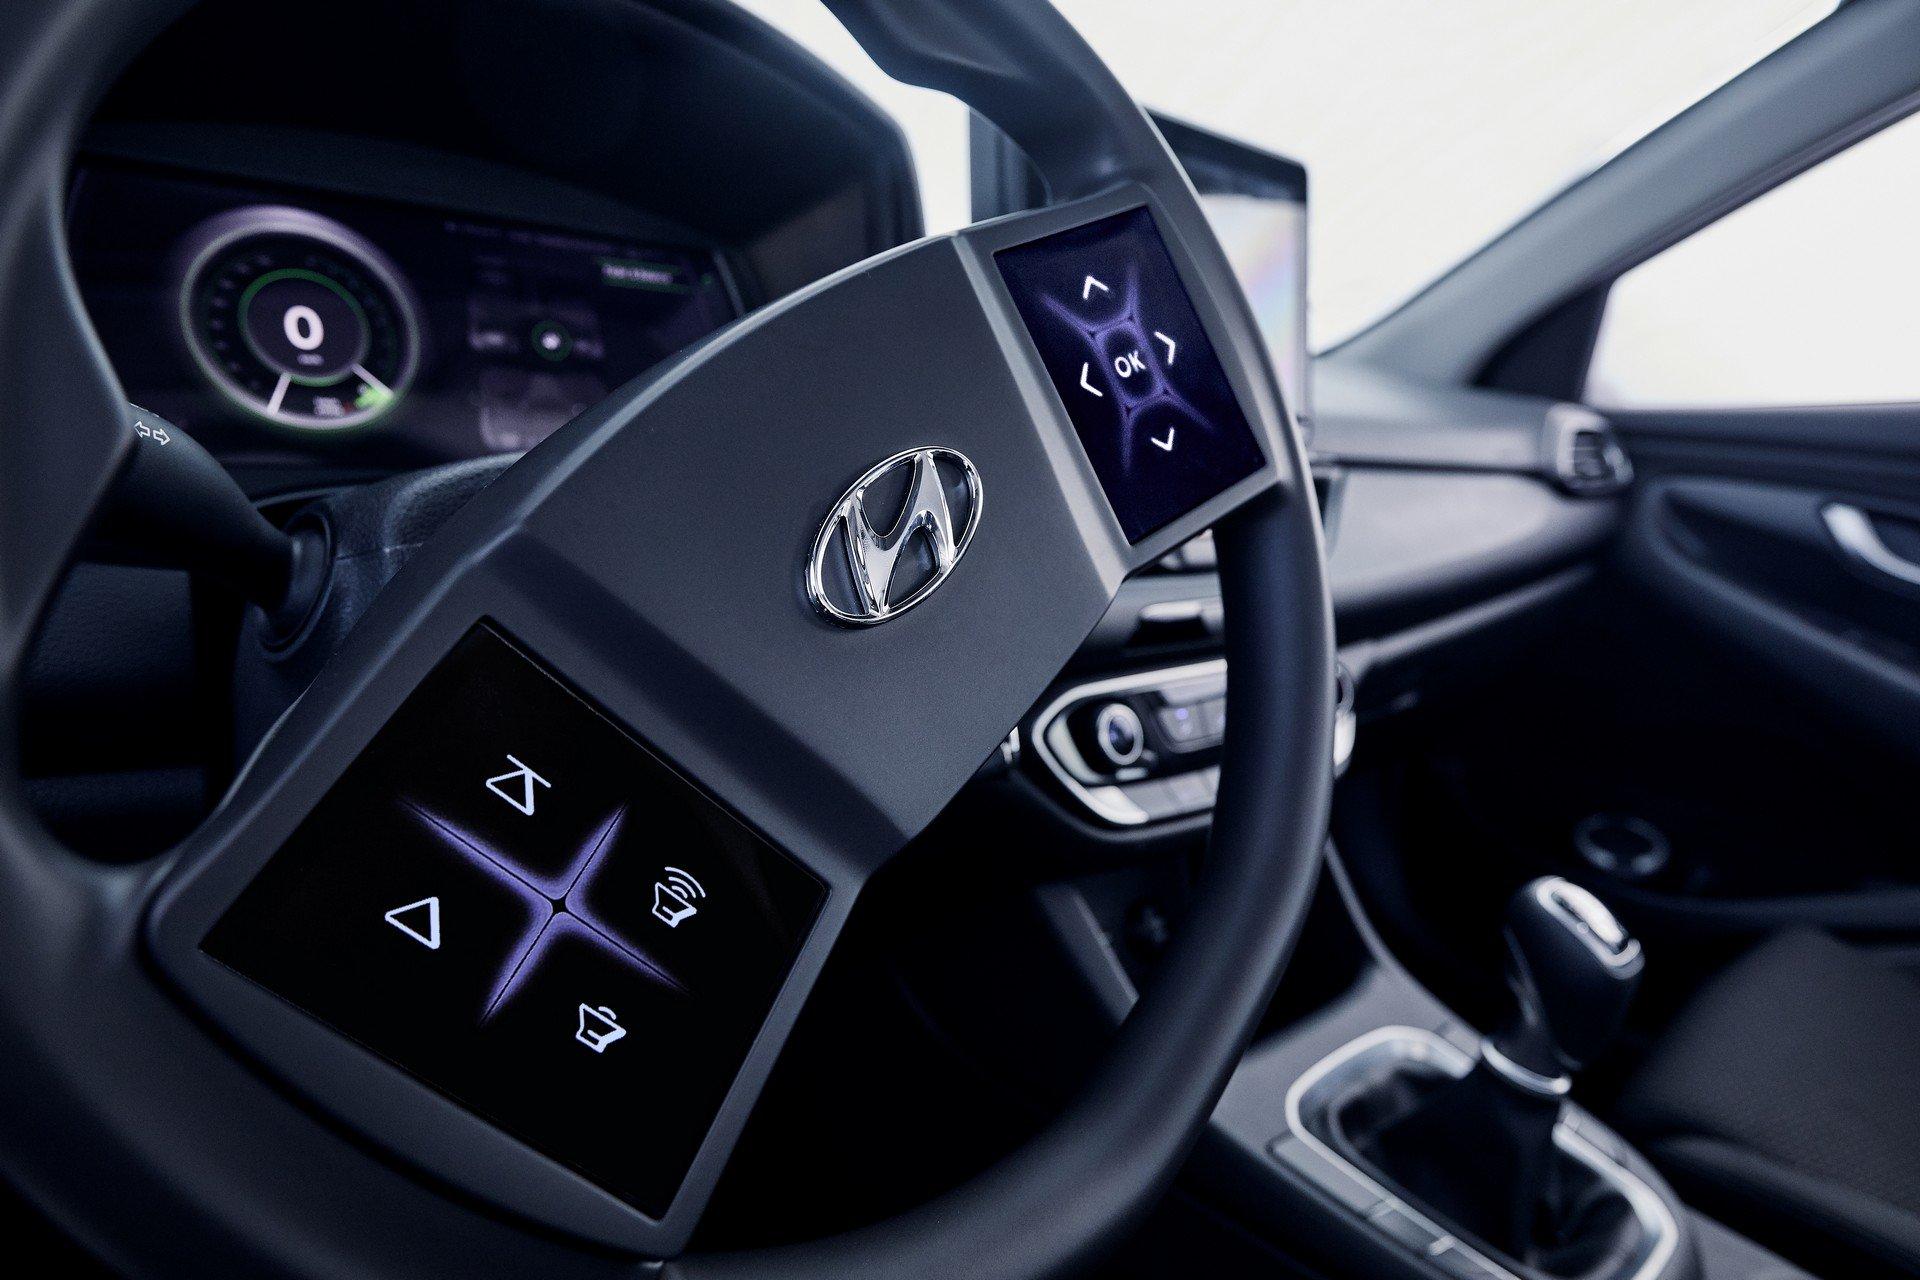 fe2e7702-hyundai-i30-interior-concept-5